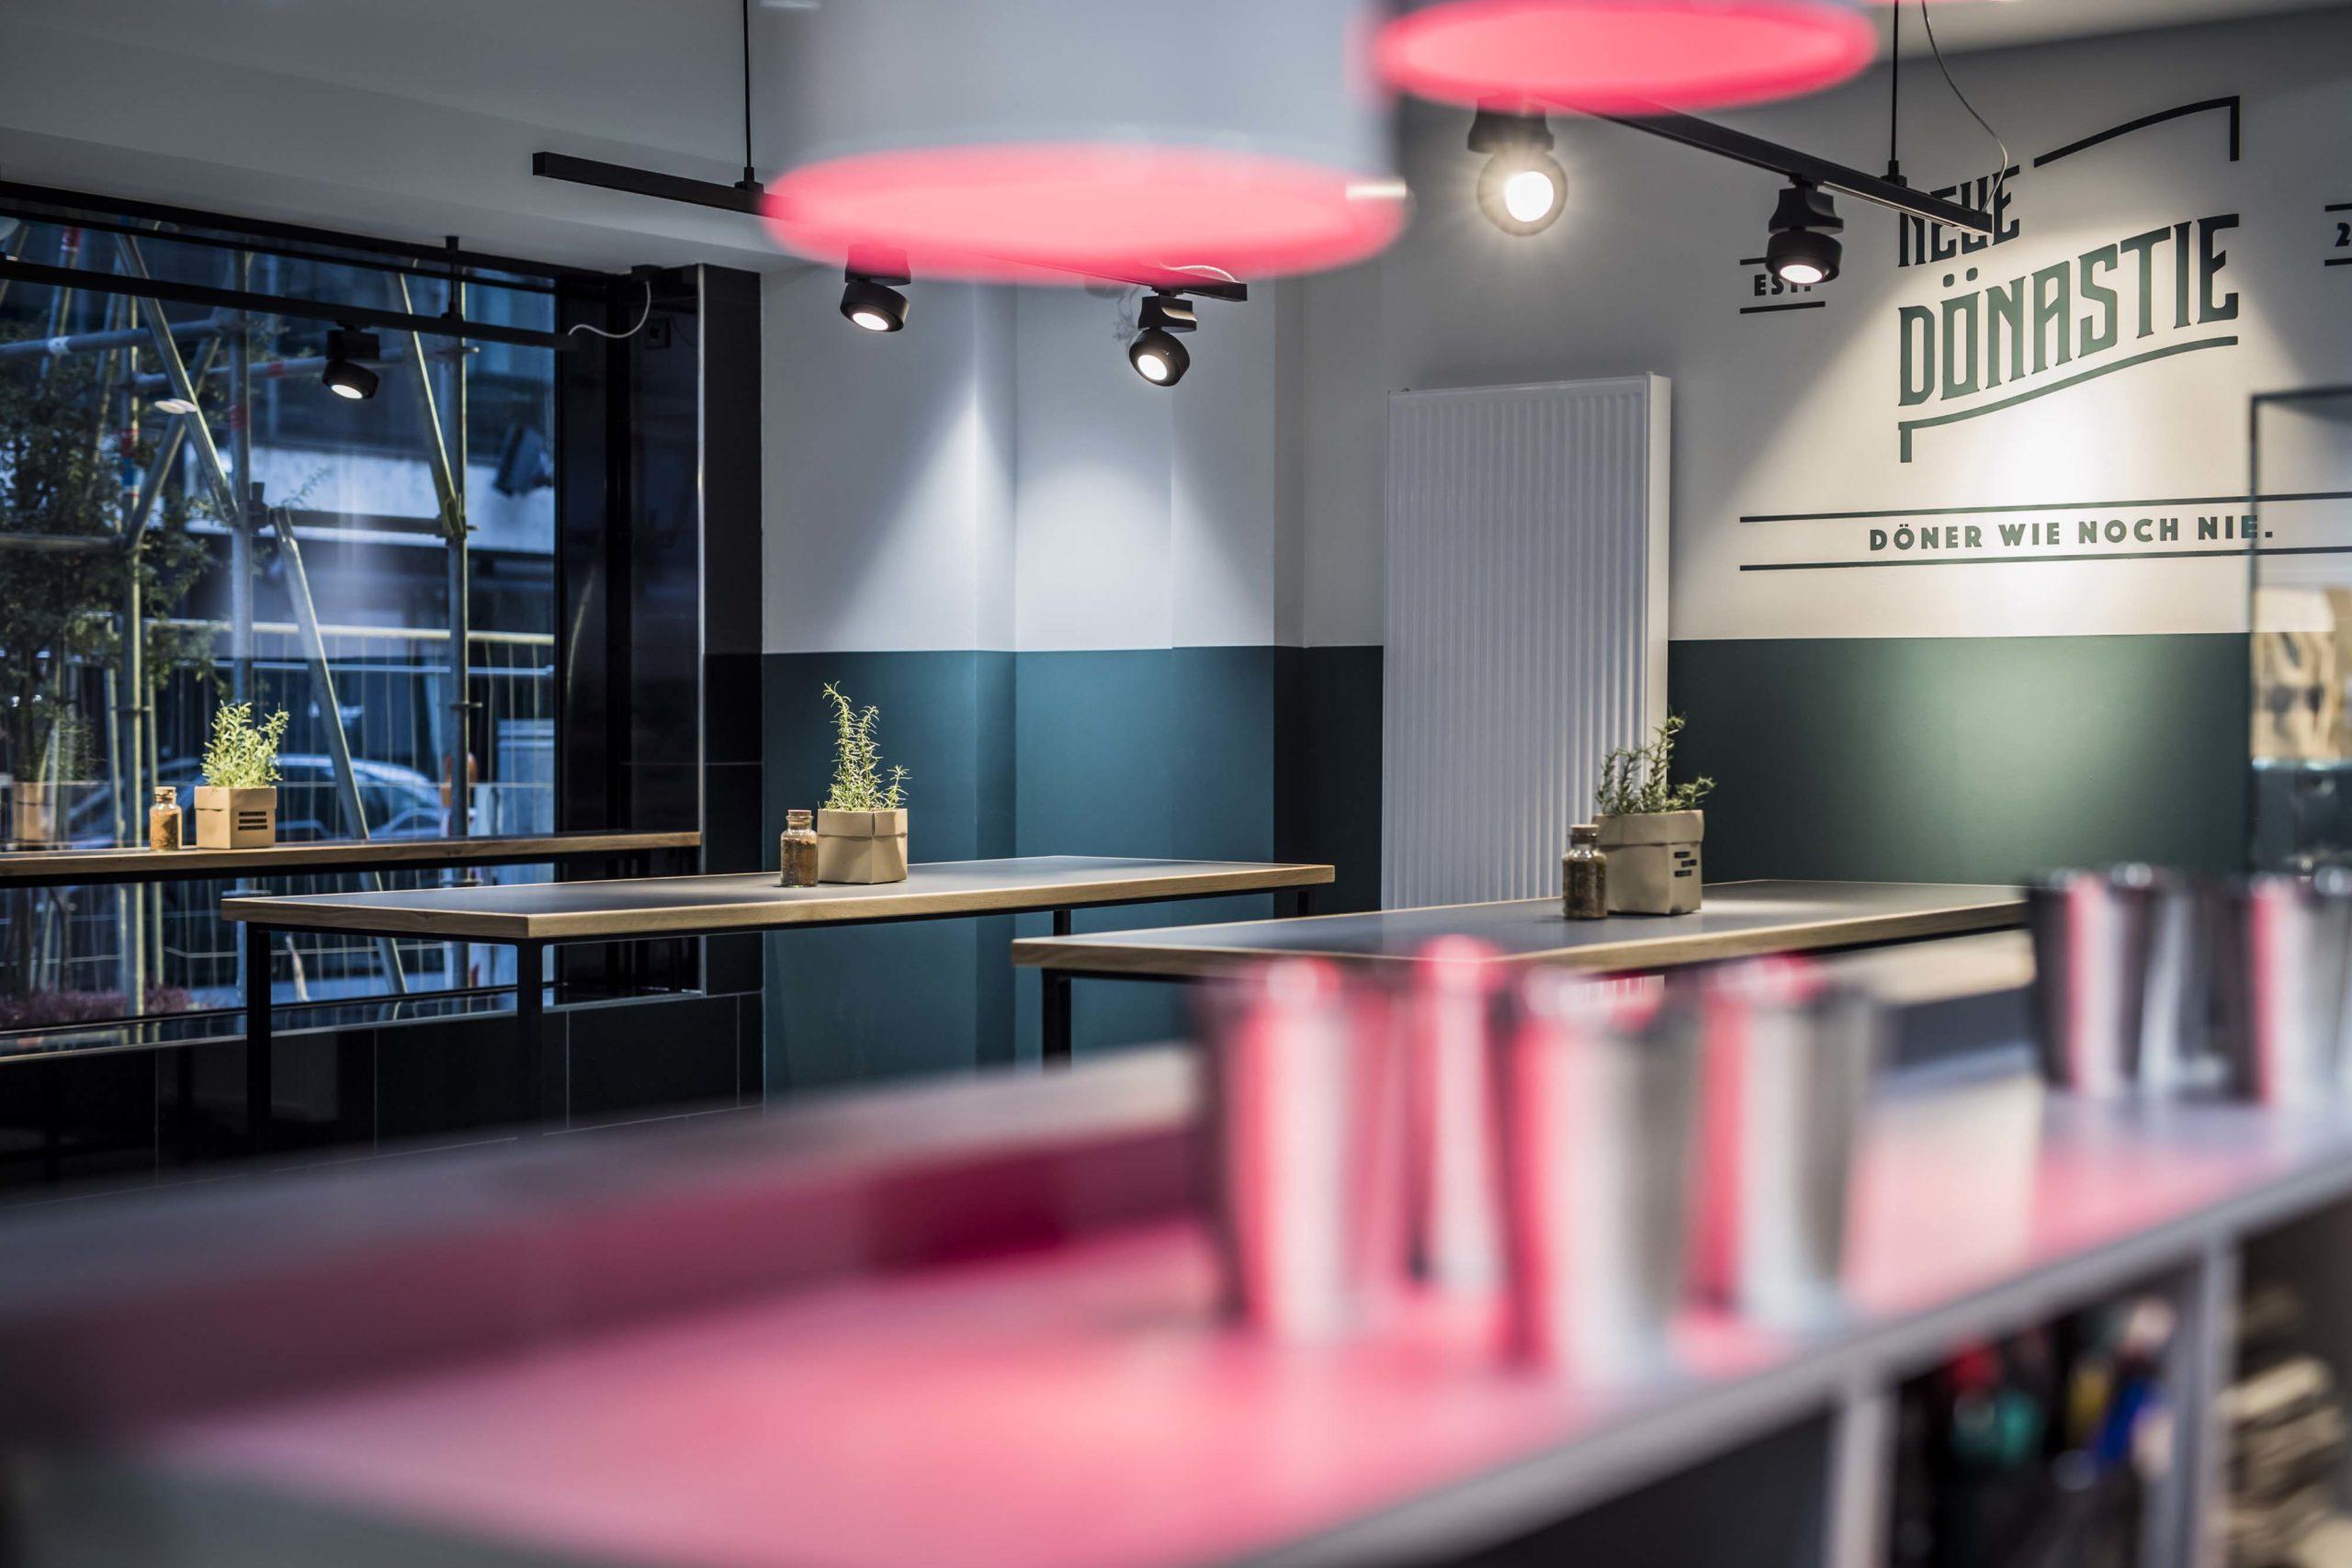 Restauranteinrichtung Neue Dönastie Stuttgart Nobla Karlsruhe